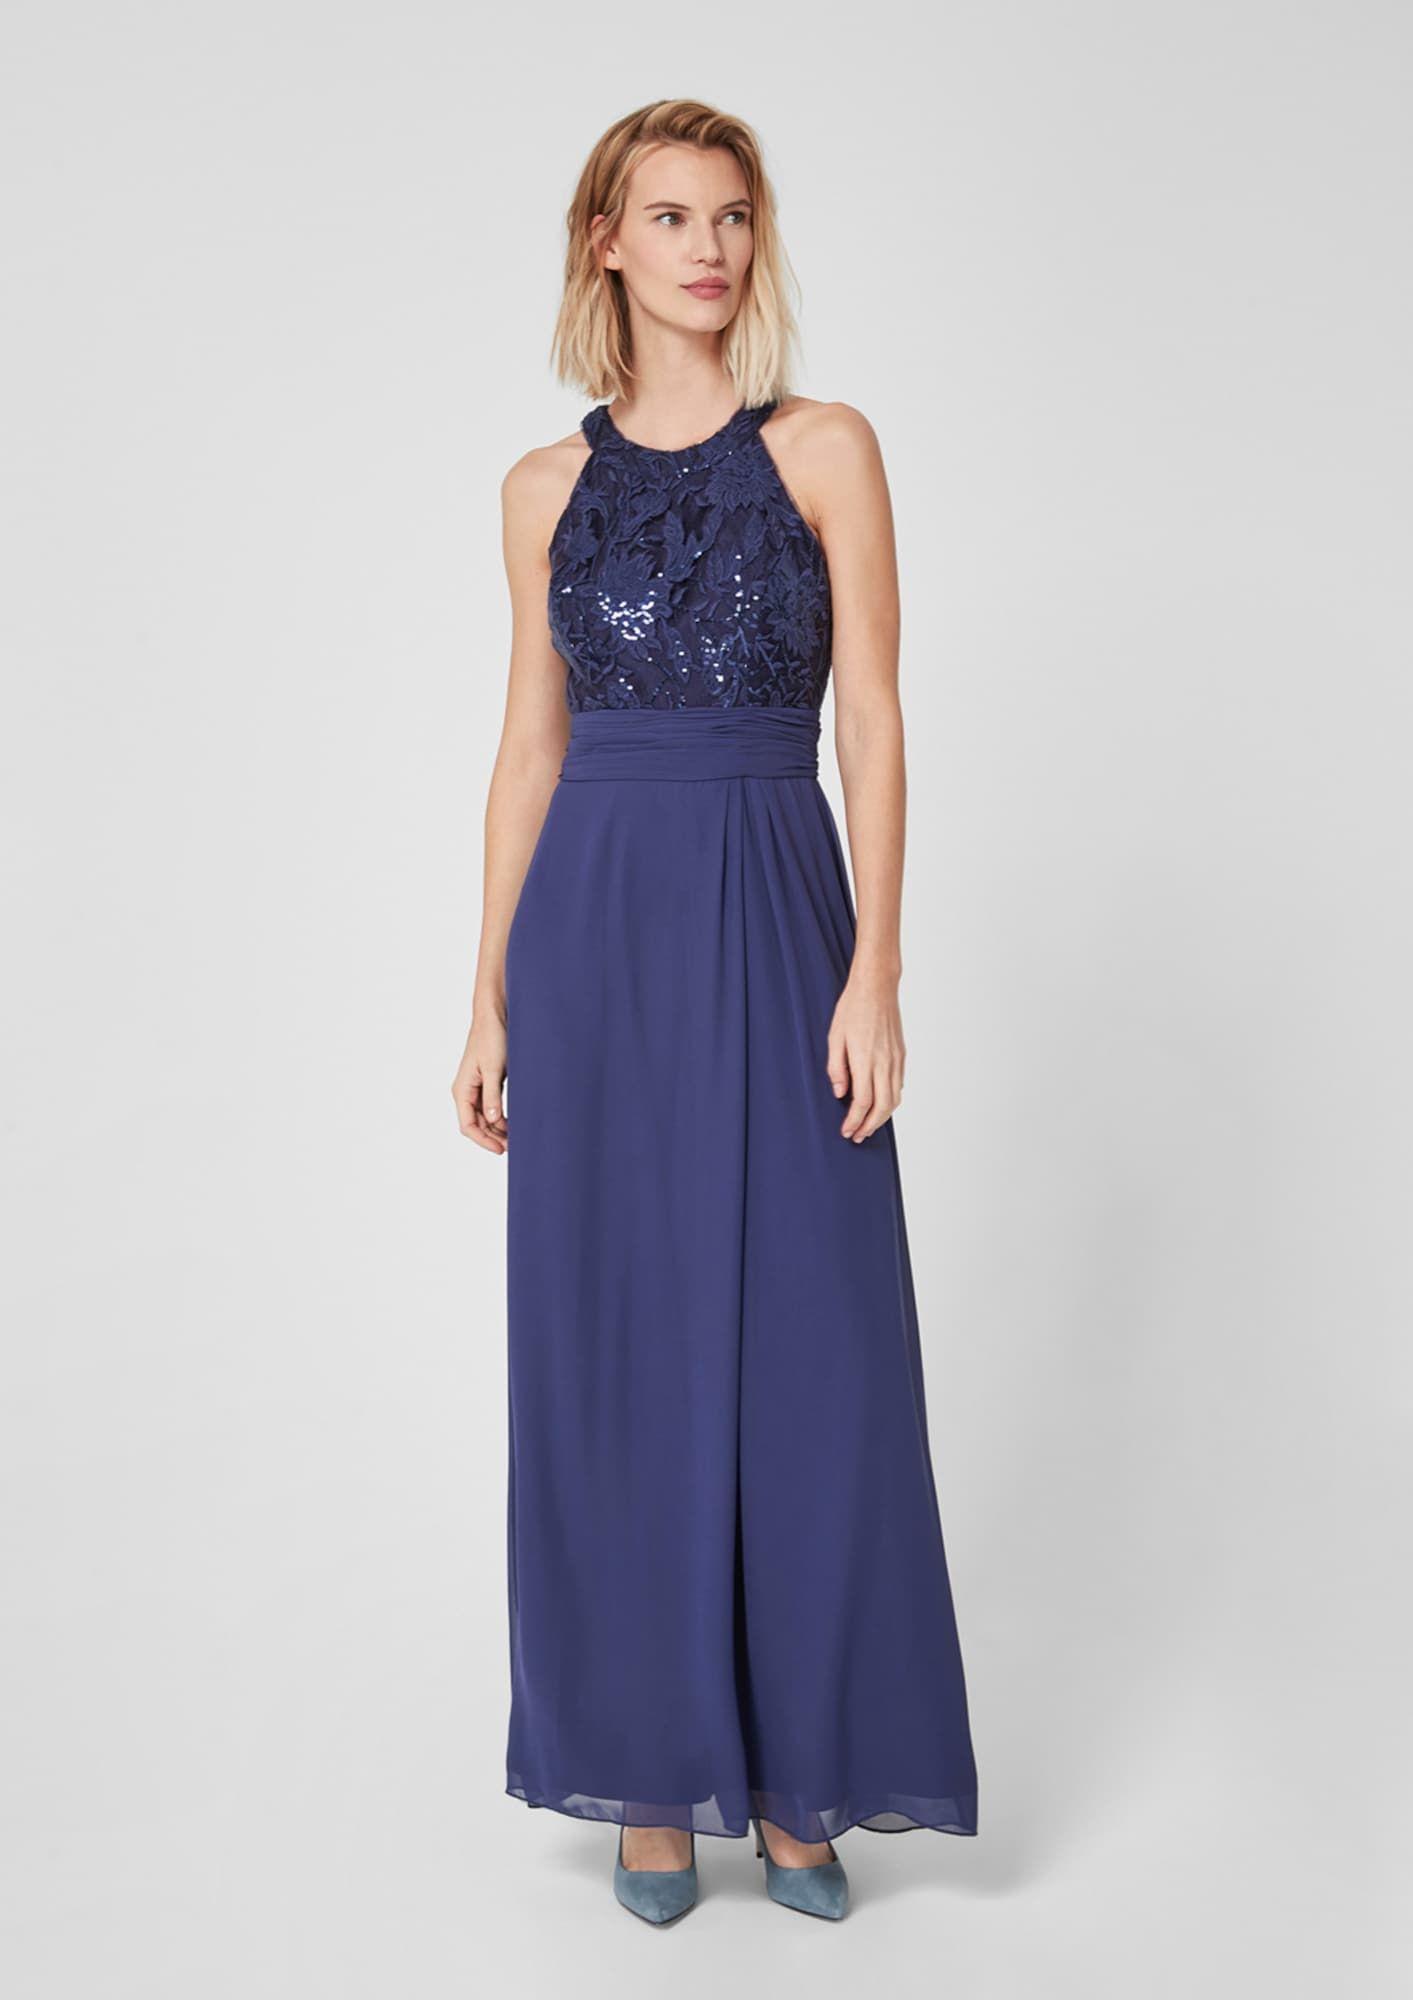 S.Oliver BLACK LABEL Abendkleid Damen, Indigo, Größe 16  Coole